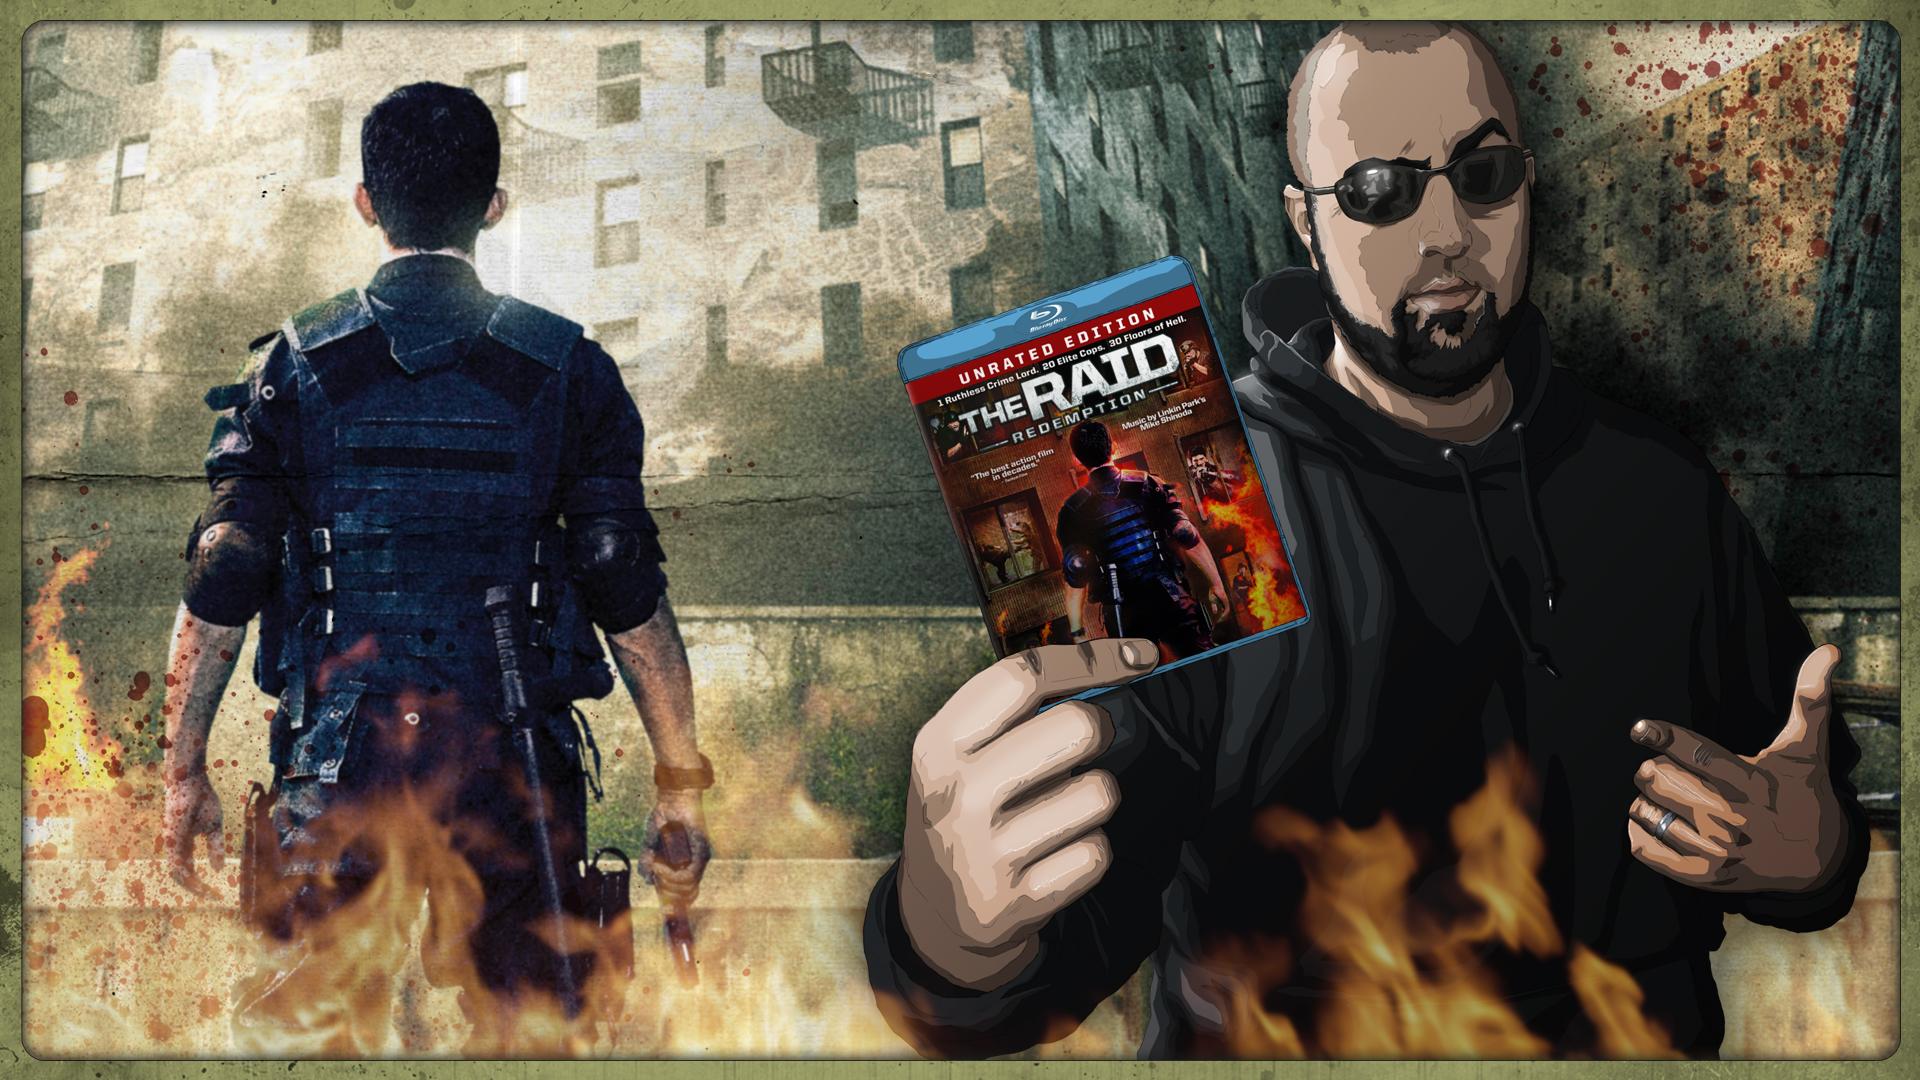 Episode 1 • The Raid: Redemption